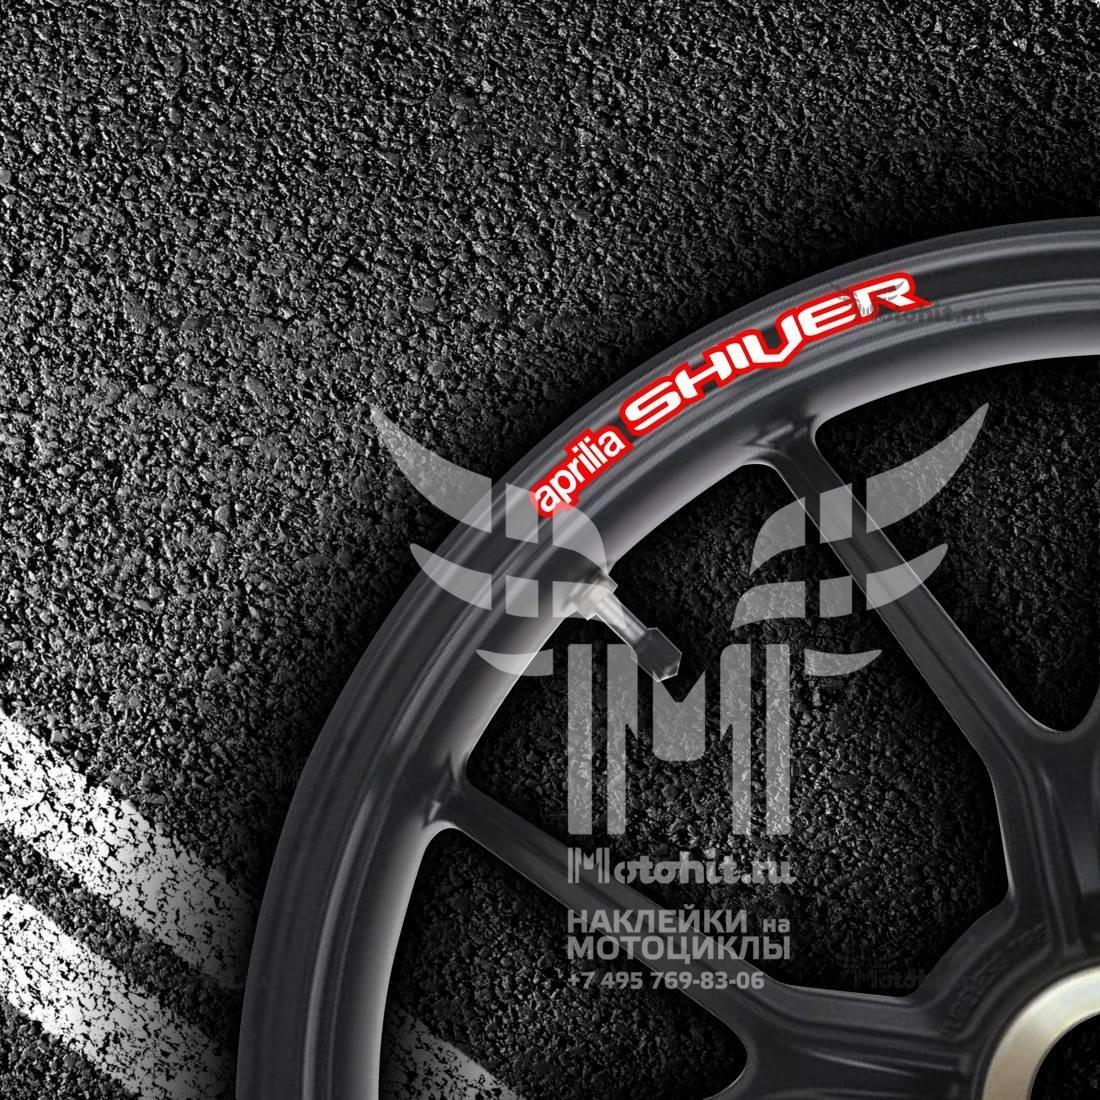 Комплект наклеек на обод колеса мотоцикла APRILIA SHIVER